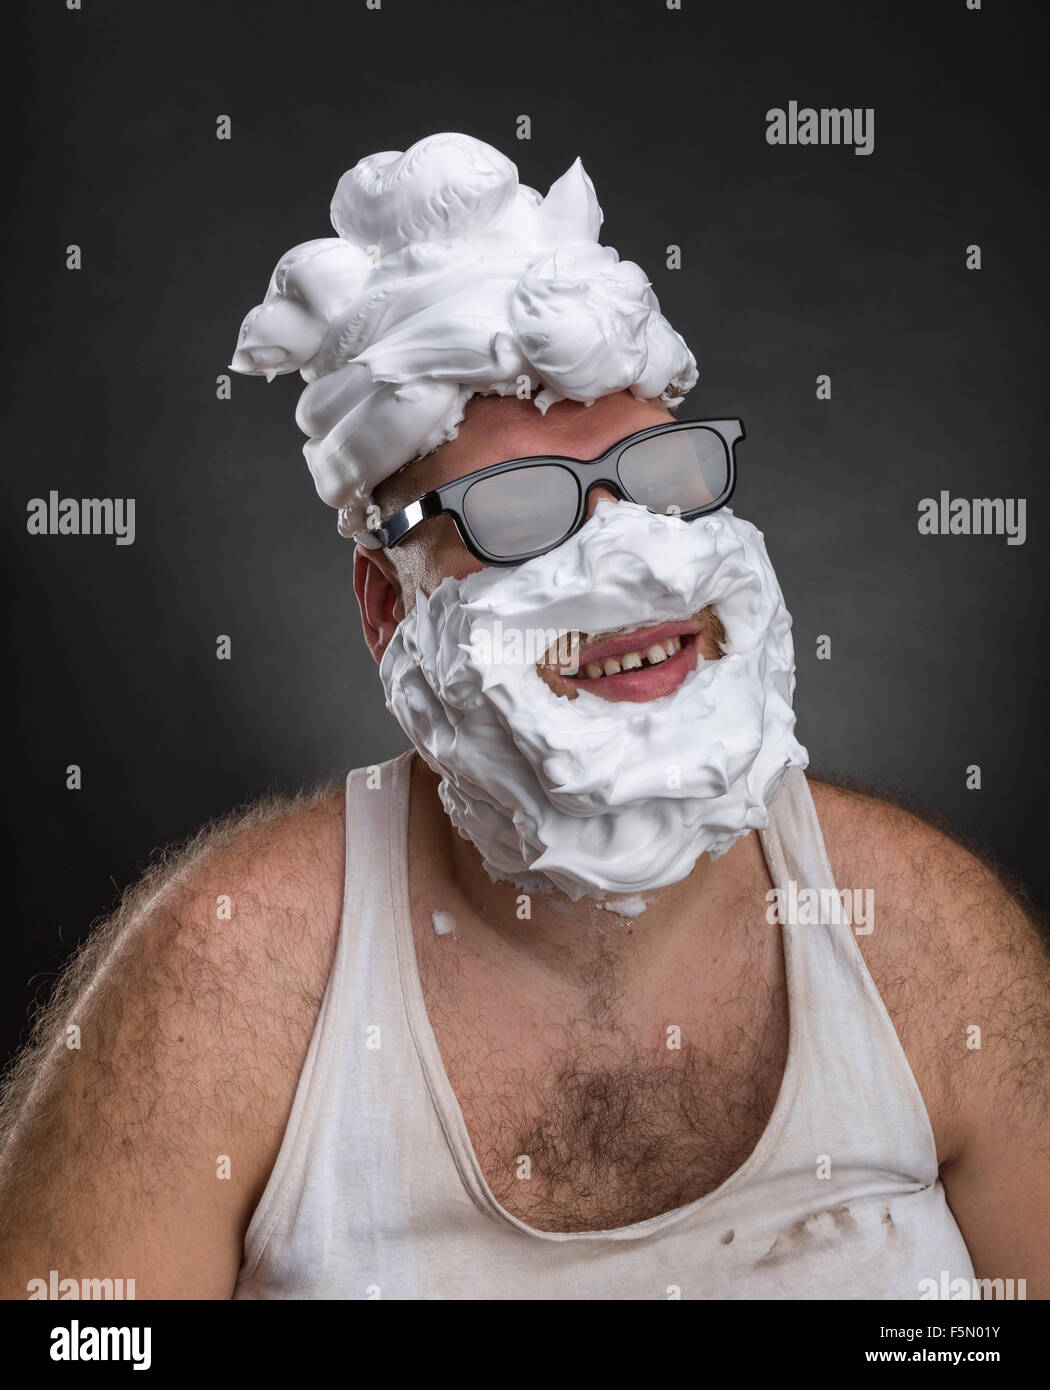 Extraño hombre sonriente en gafas con espuma de afeitar en su rostro y en su cabeza sobre fondo gris Foto de stock